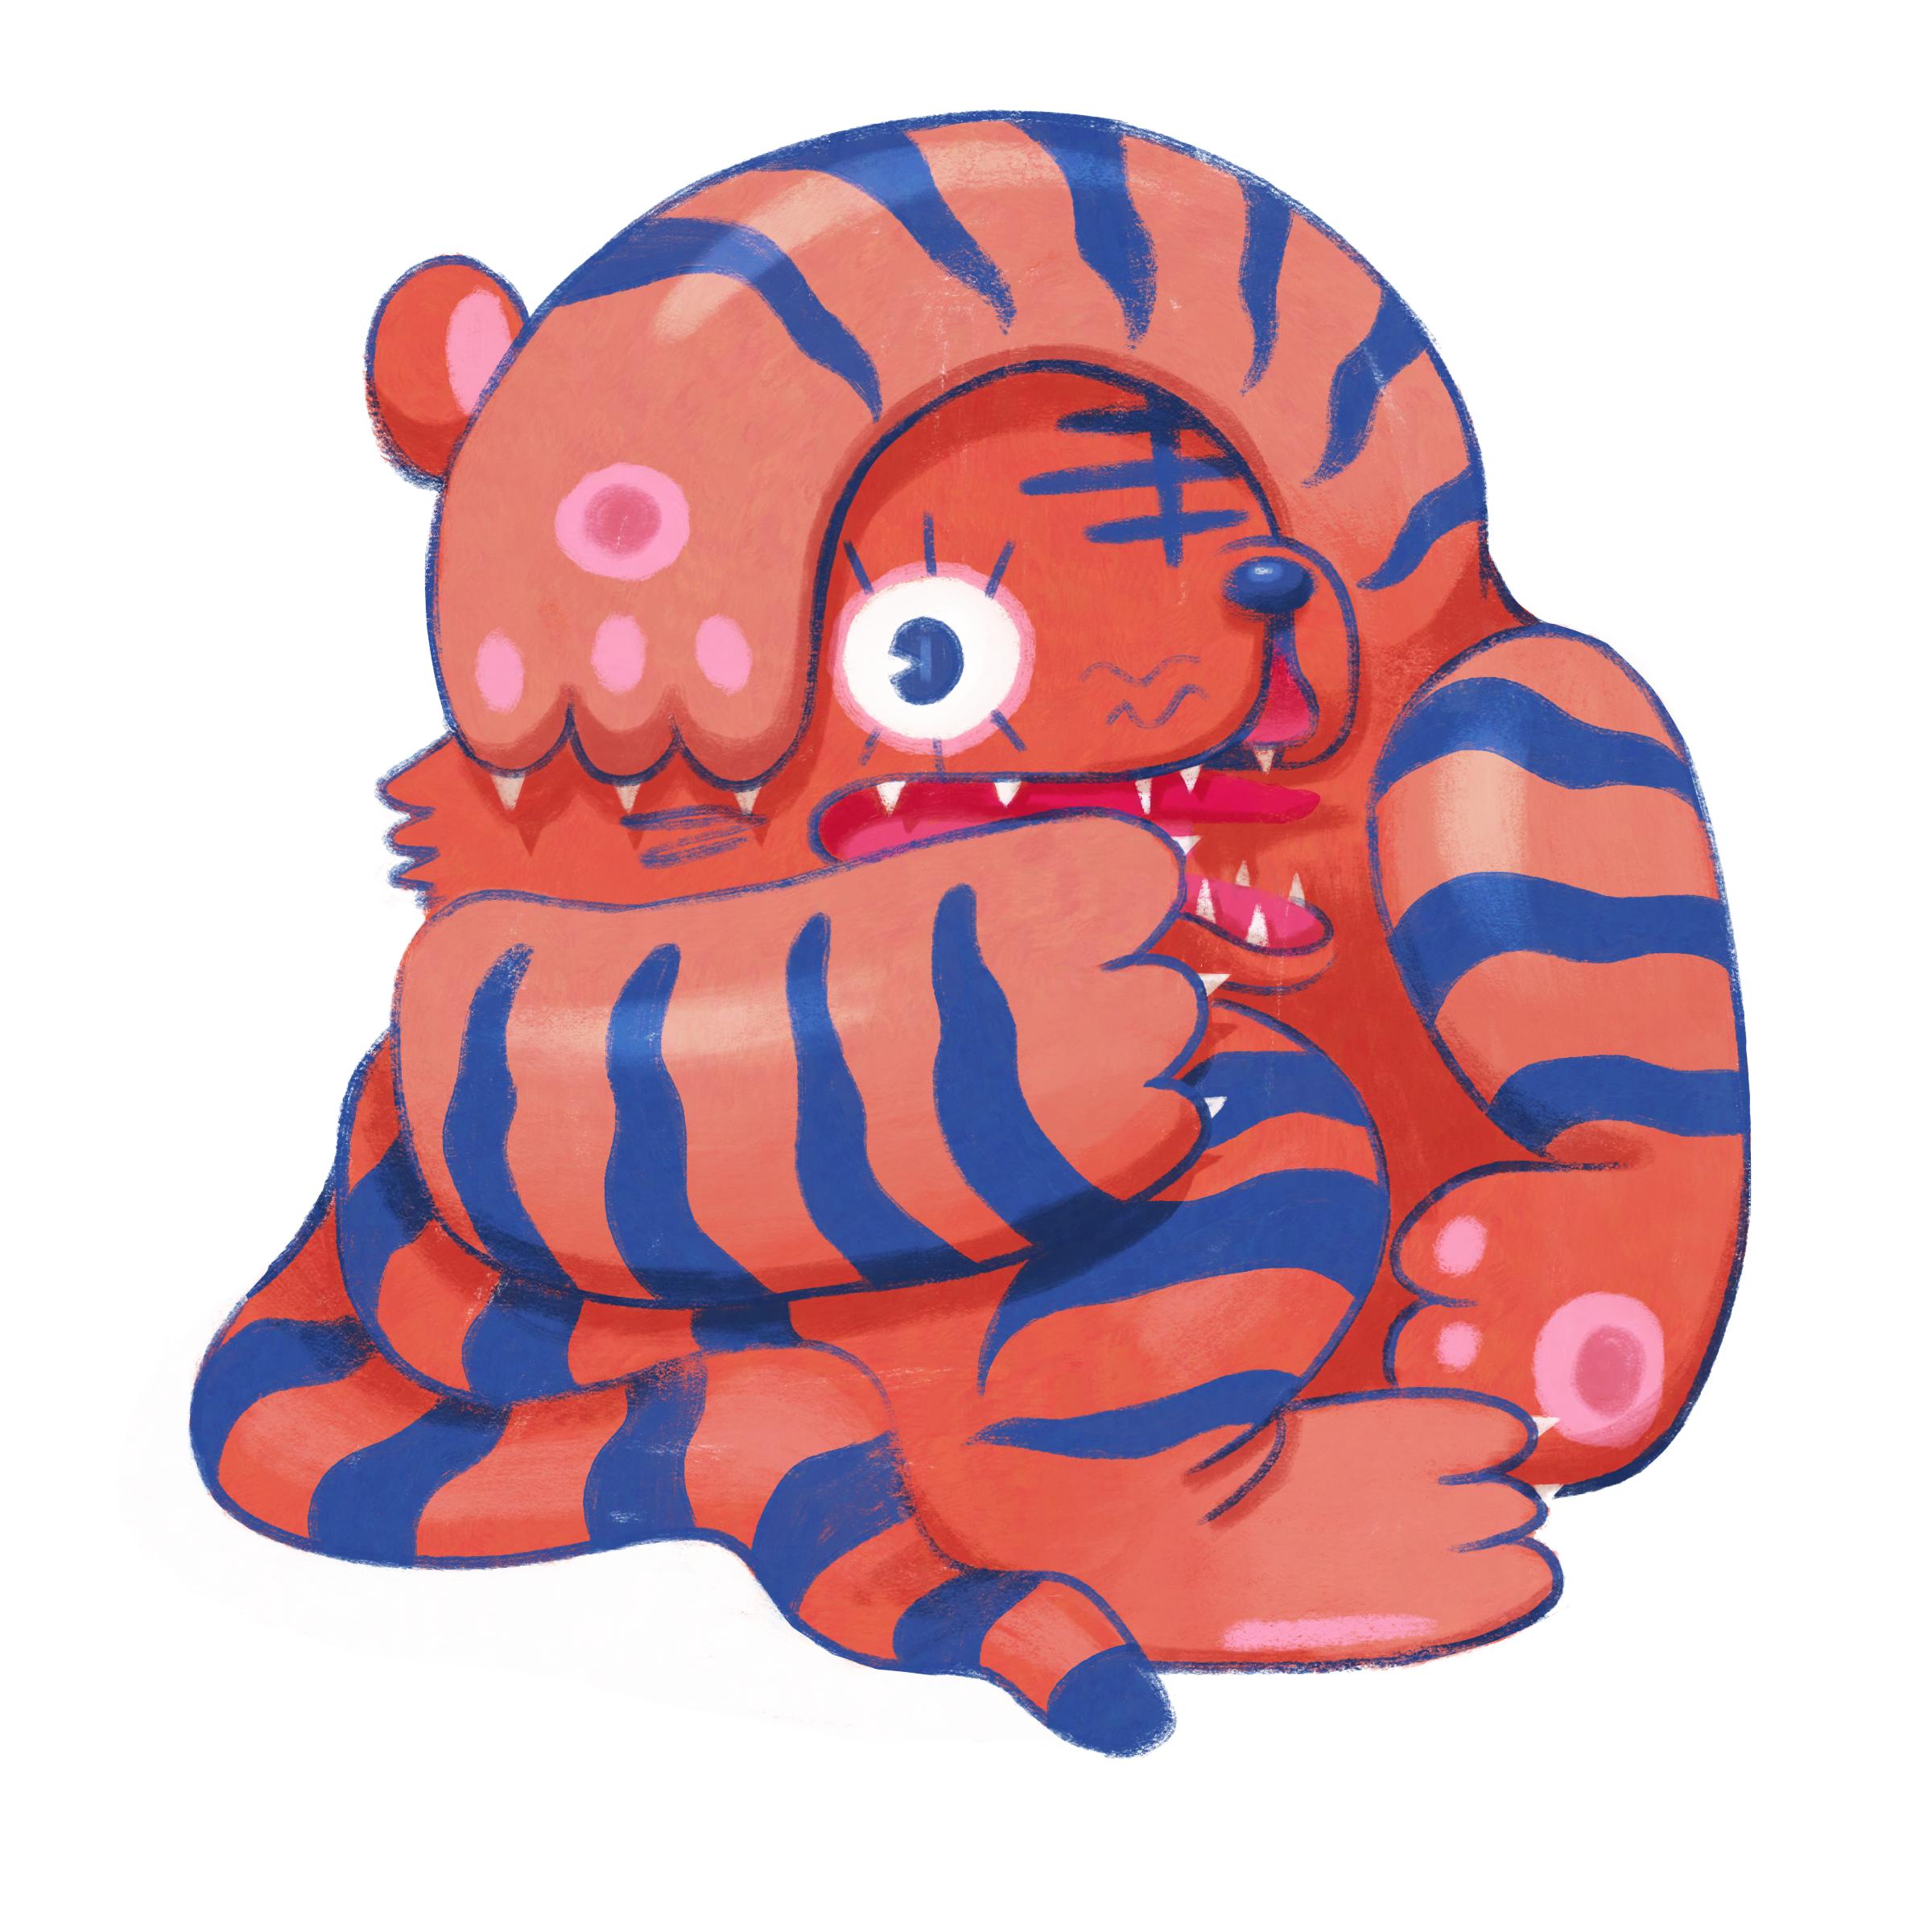 azjin_tiger1